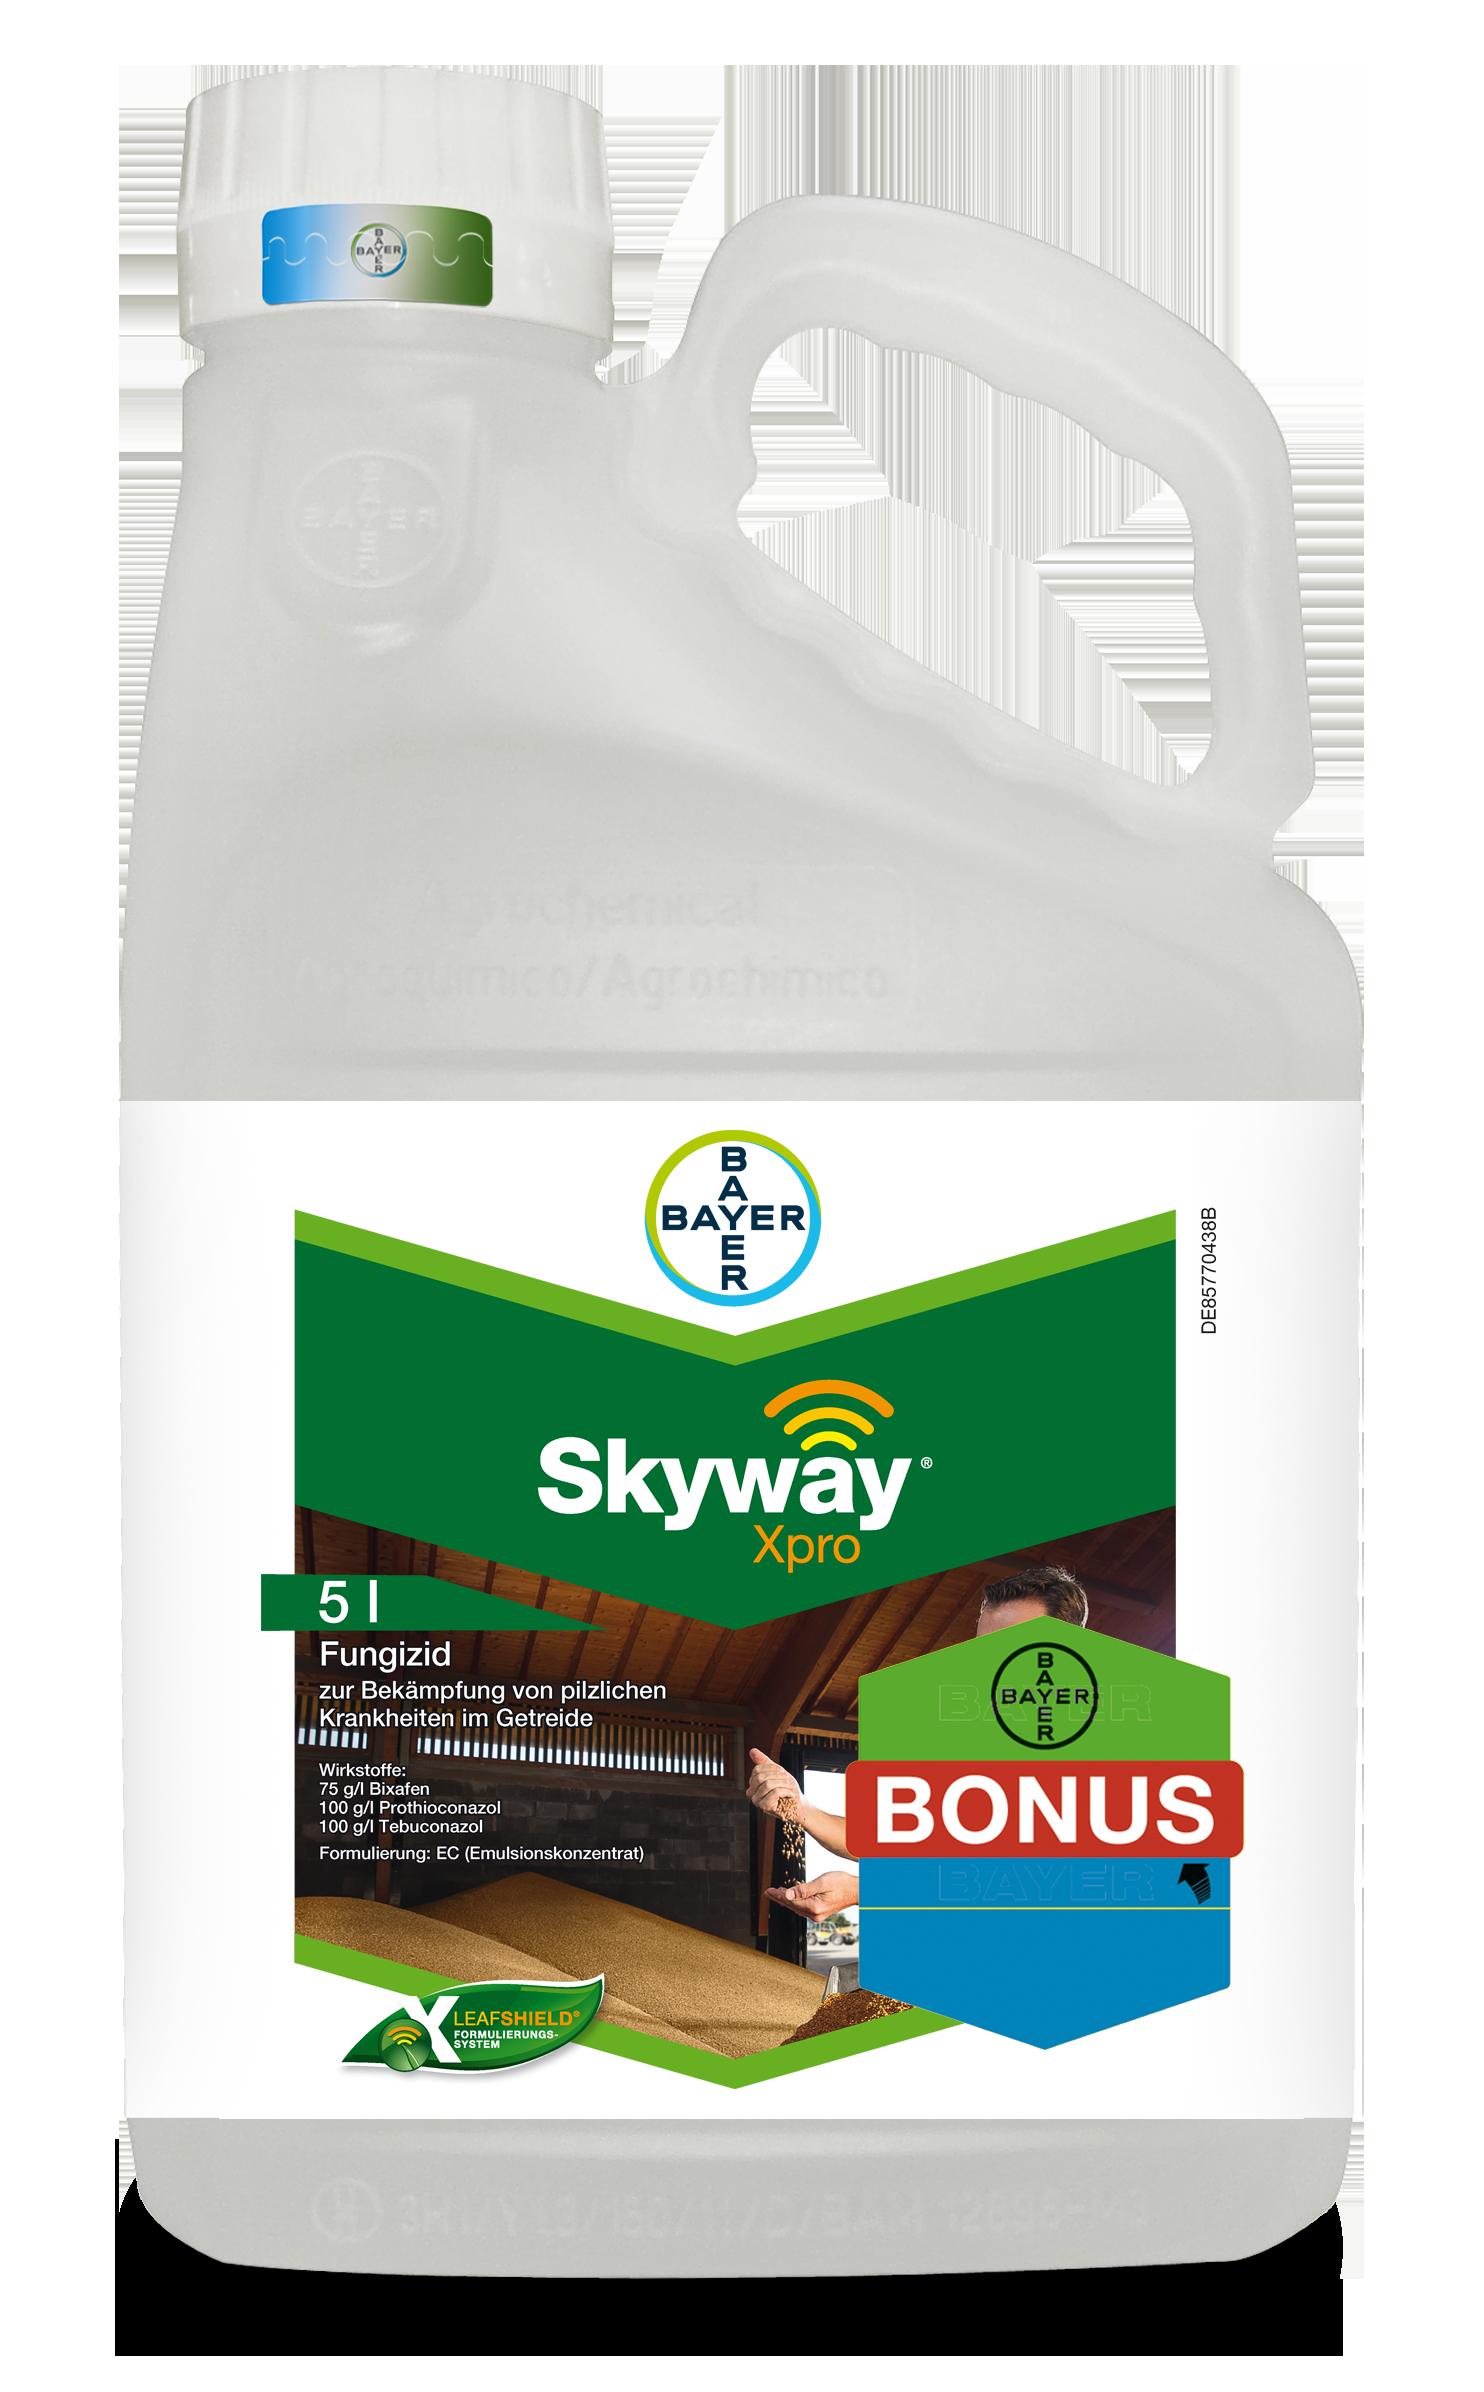 Skyway® Xpro